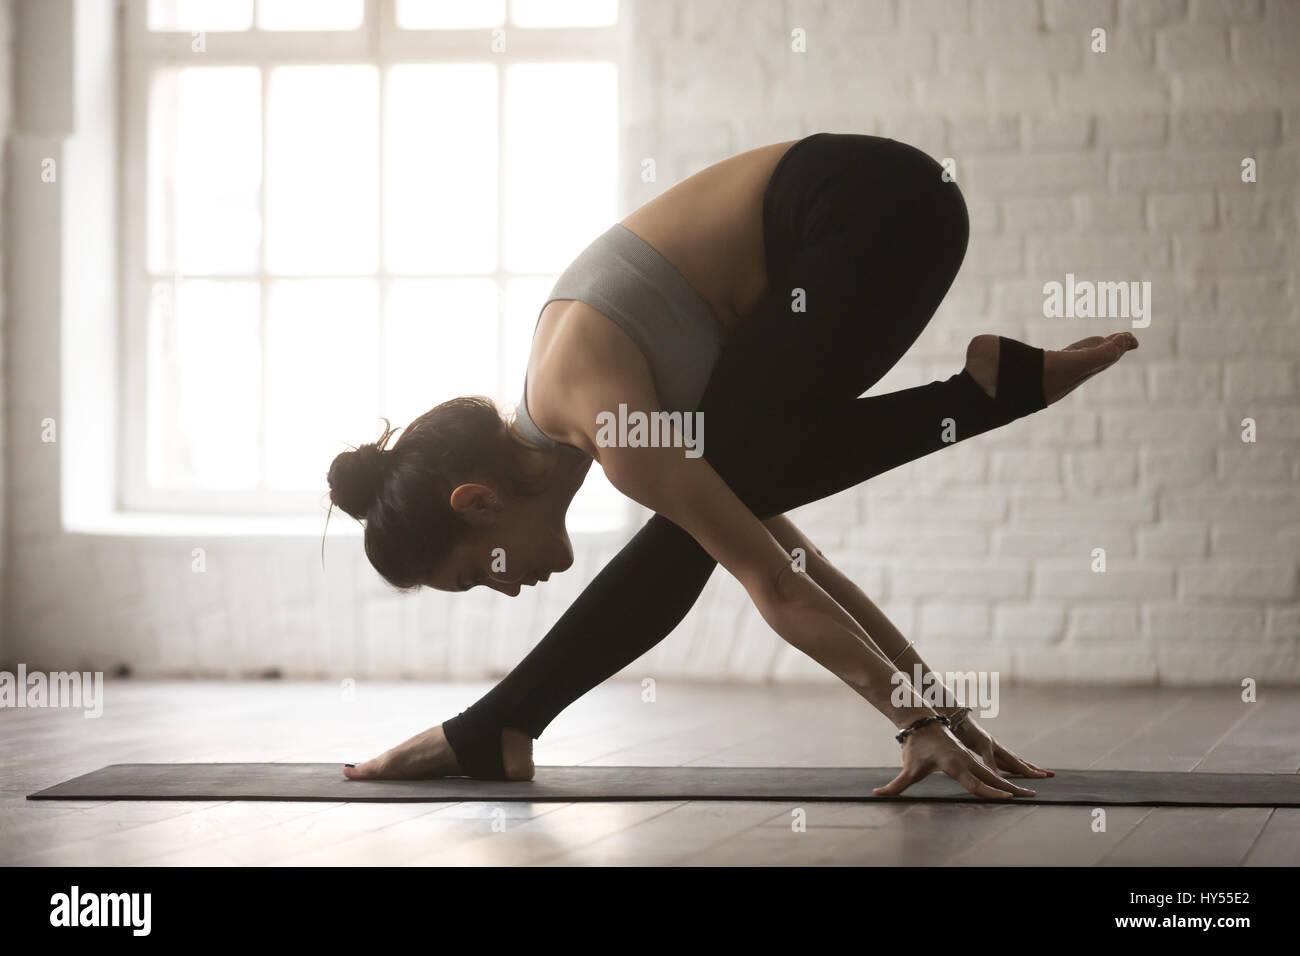 Atractiva mujer joven en equilibrio bailando plantean, studi loft blanco Imagen De Stock